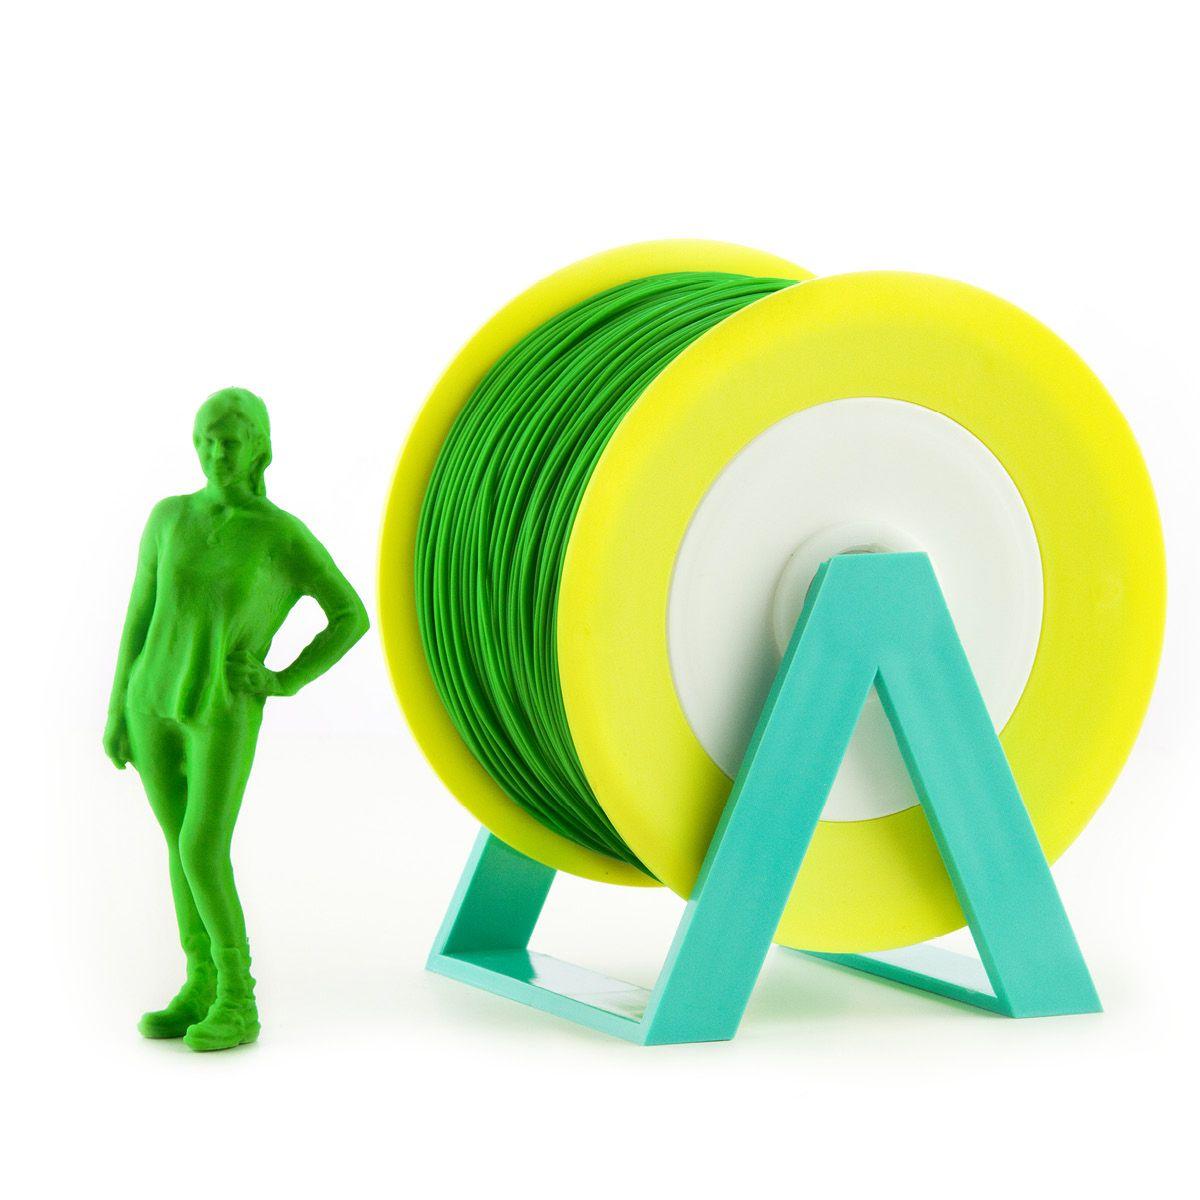 PLA Filament | Color: Green